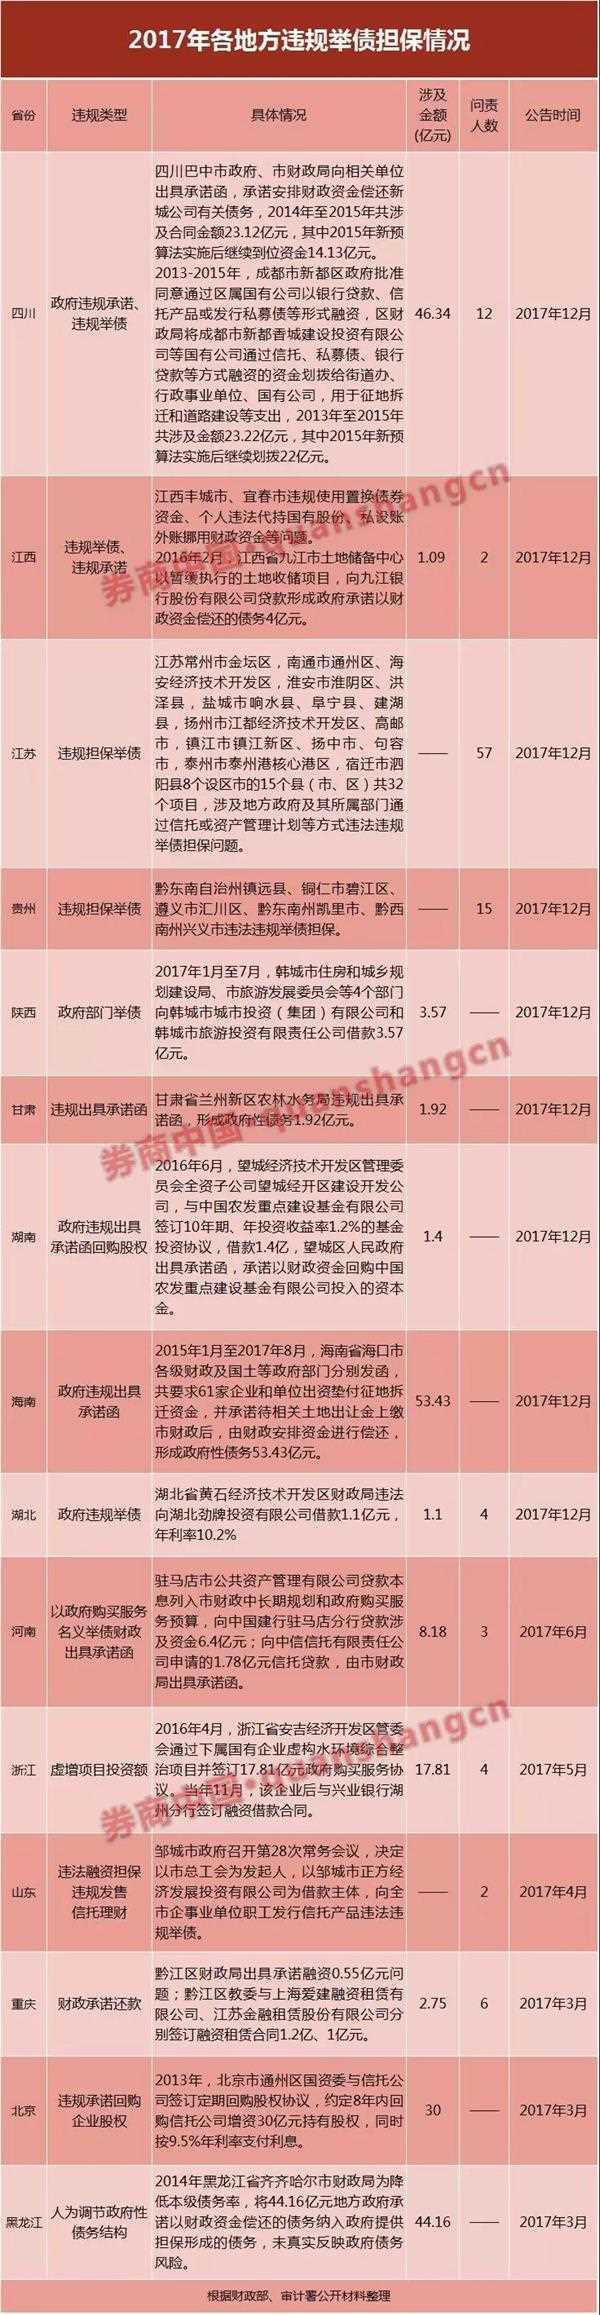 地方違規舉債擔保泛濫  15省市百余官員挨罰!違規清